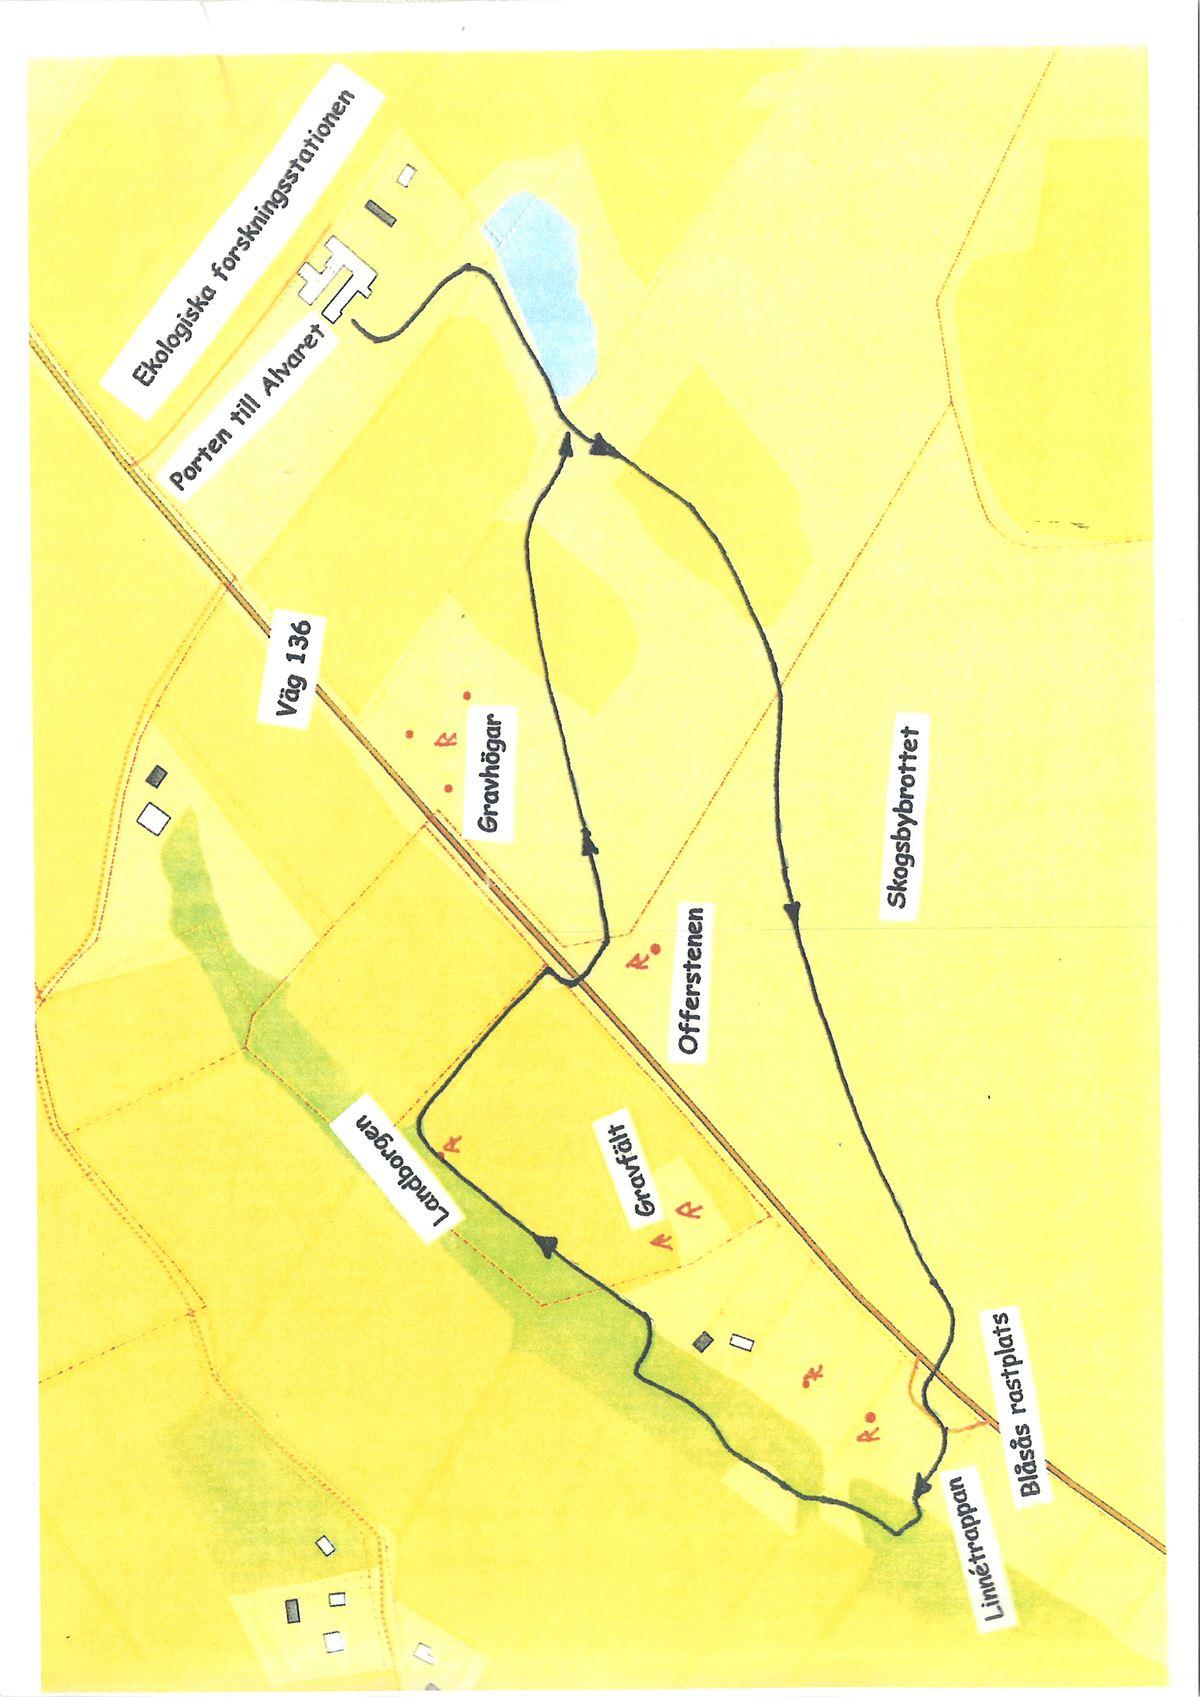 Gröna slingan - hike trail